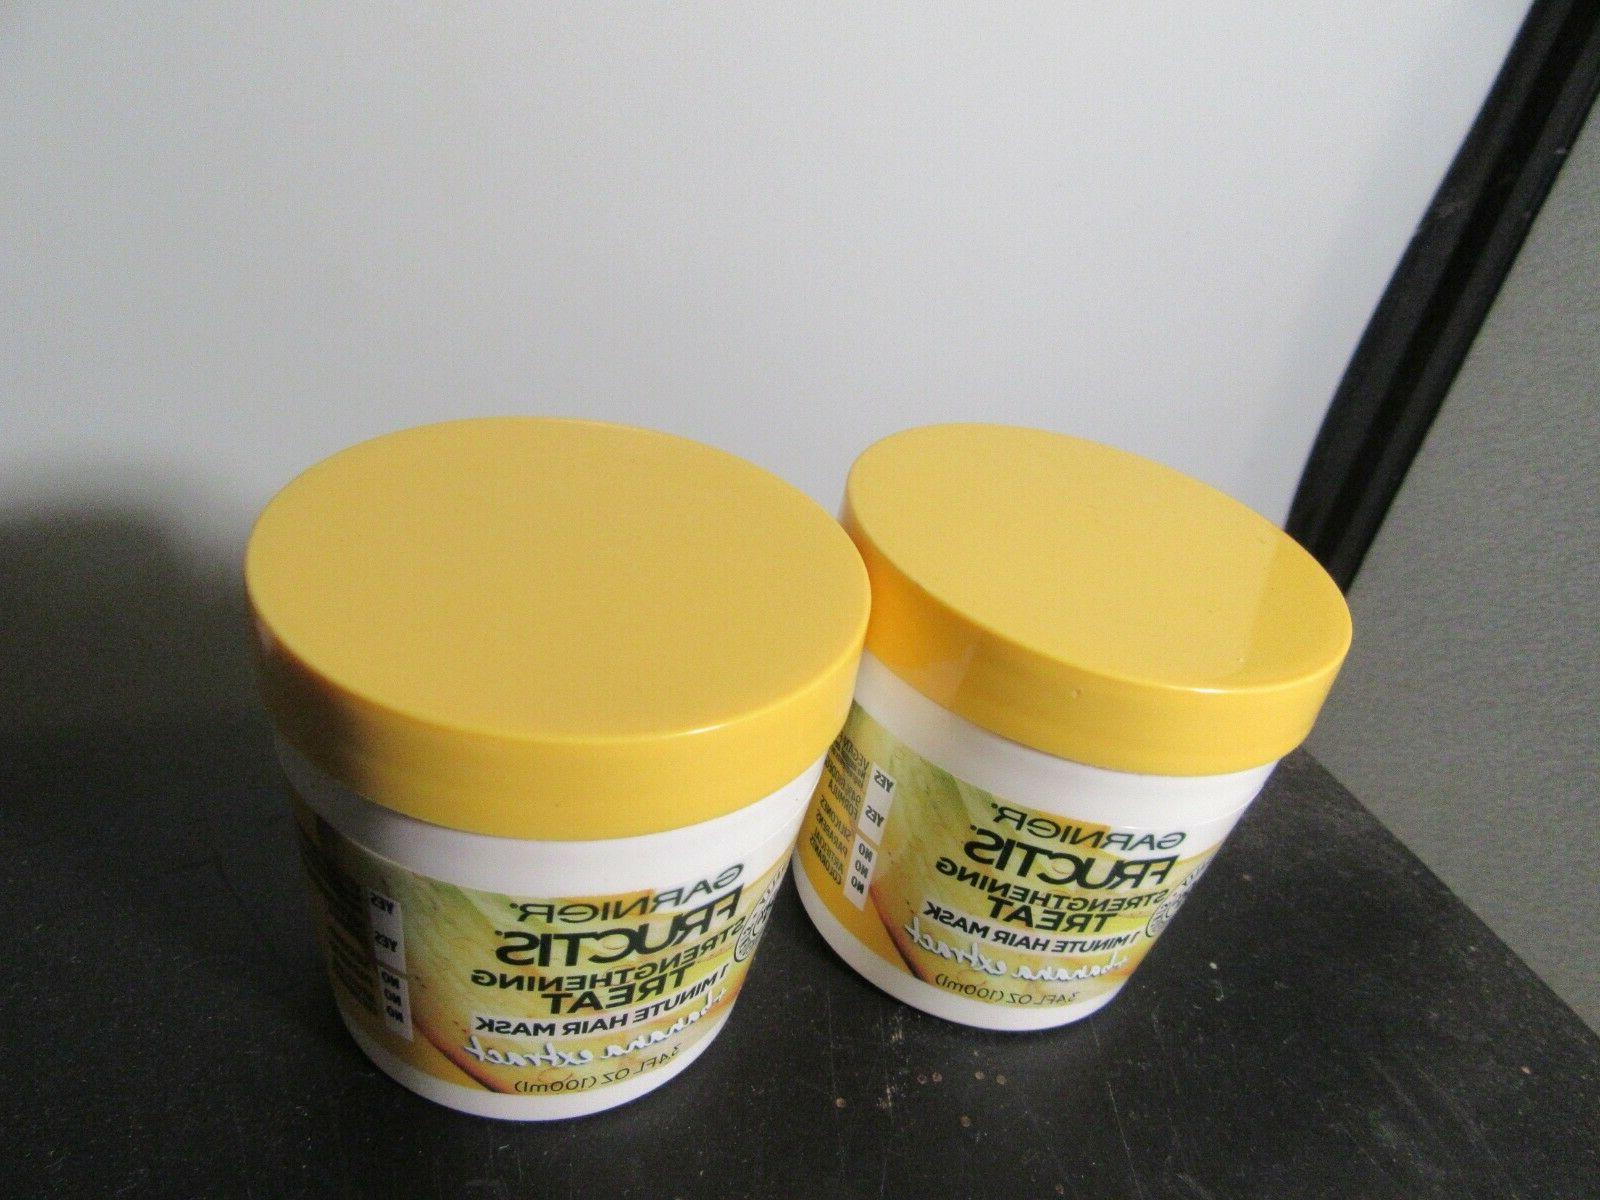 Garnier Strengthening Treat 1 Mask Banana, 3.4